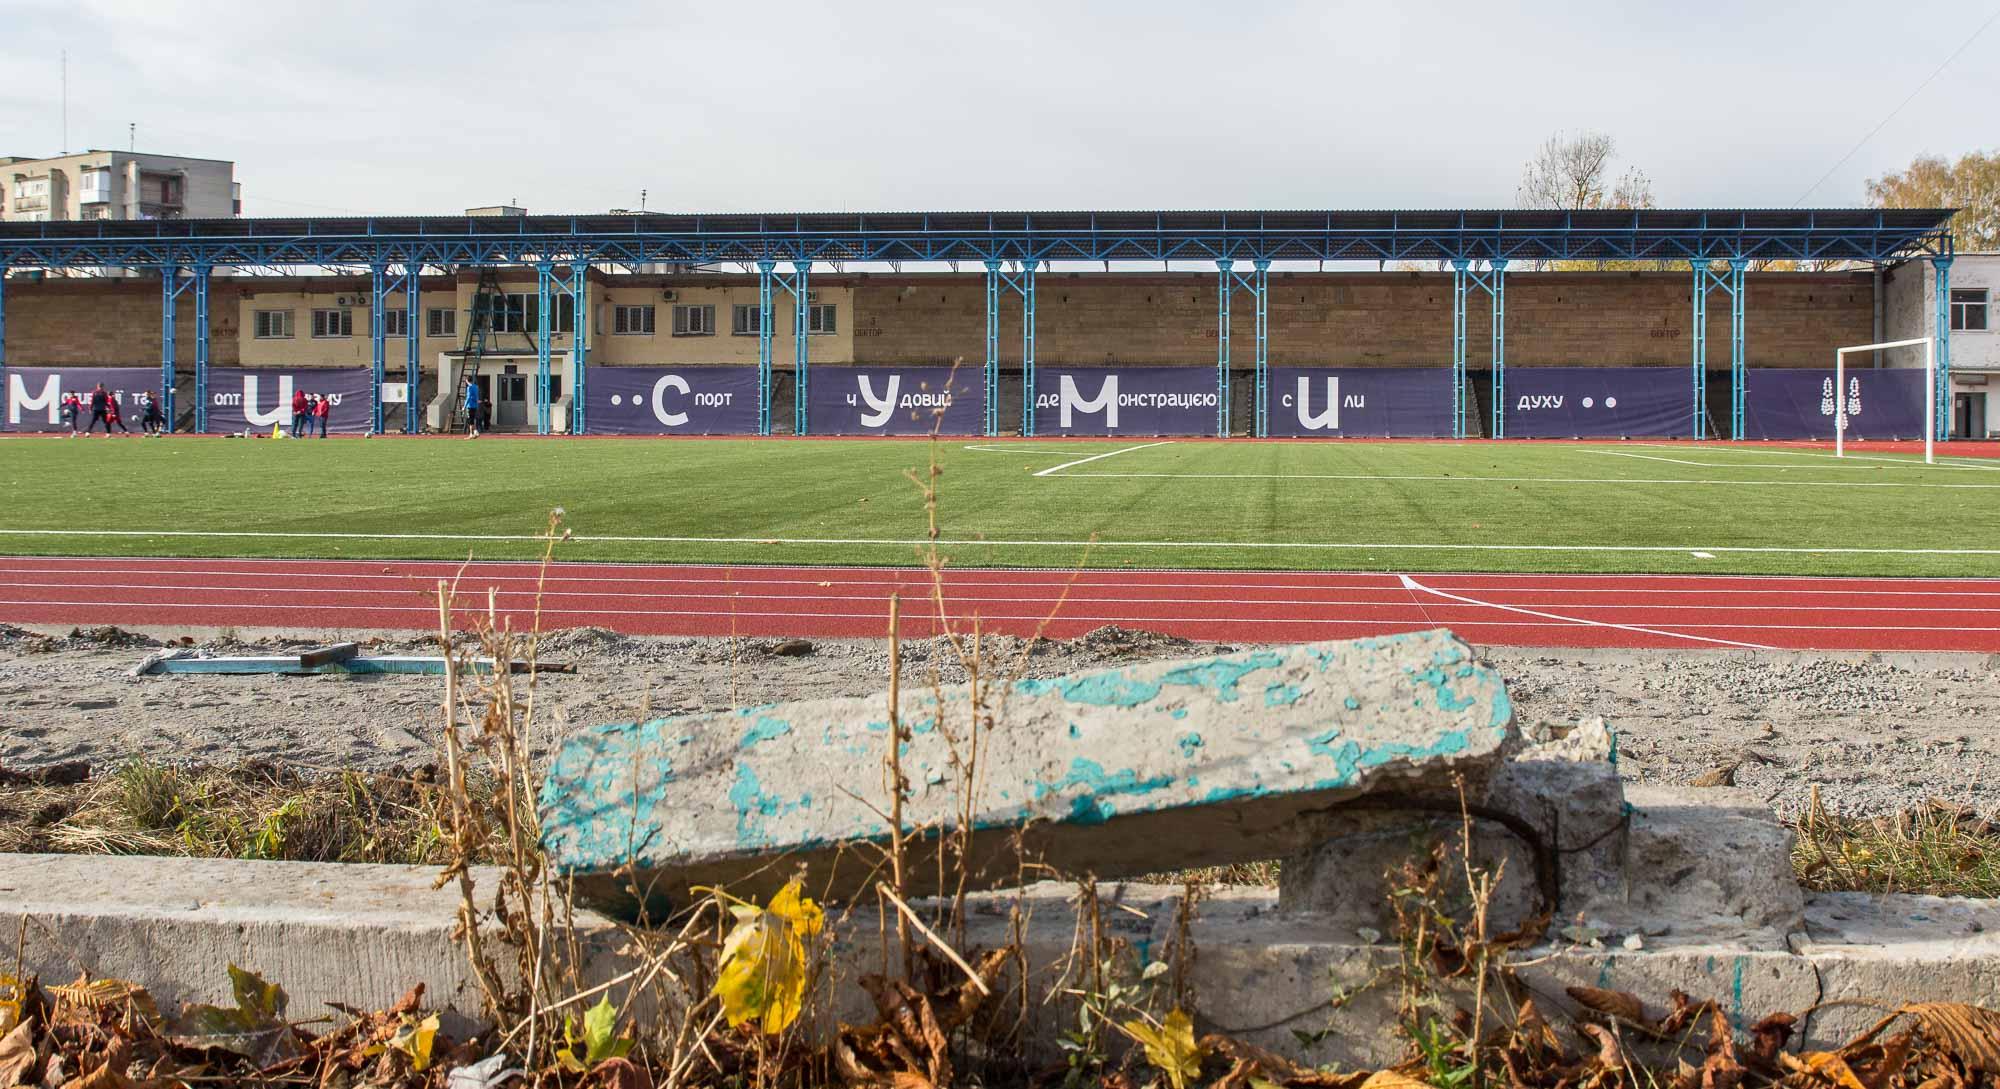 Оновлений стадіон «Авангард», 2020 рік. Фото: Цукр